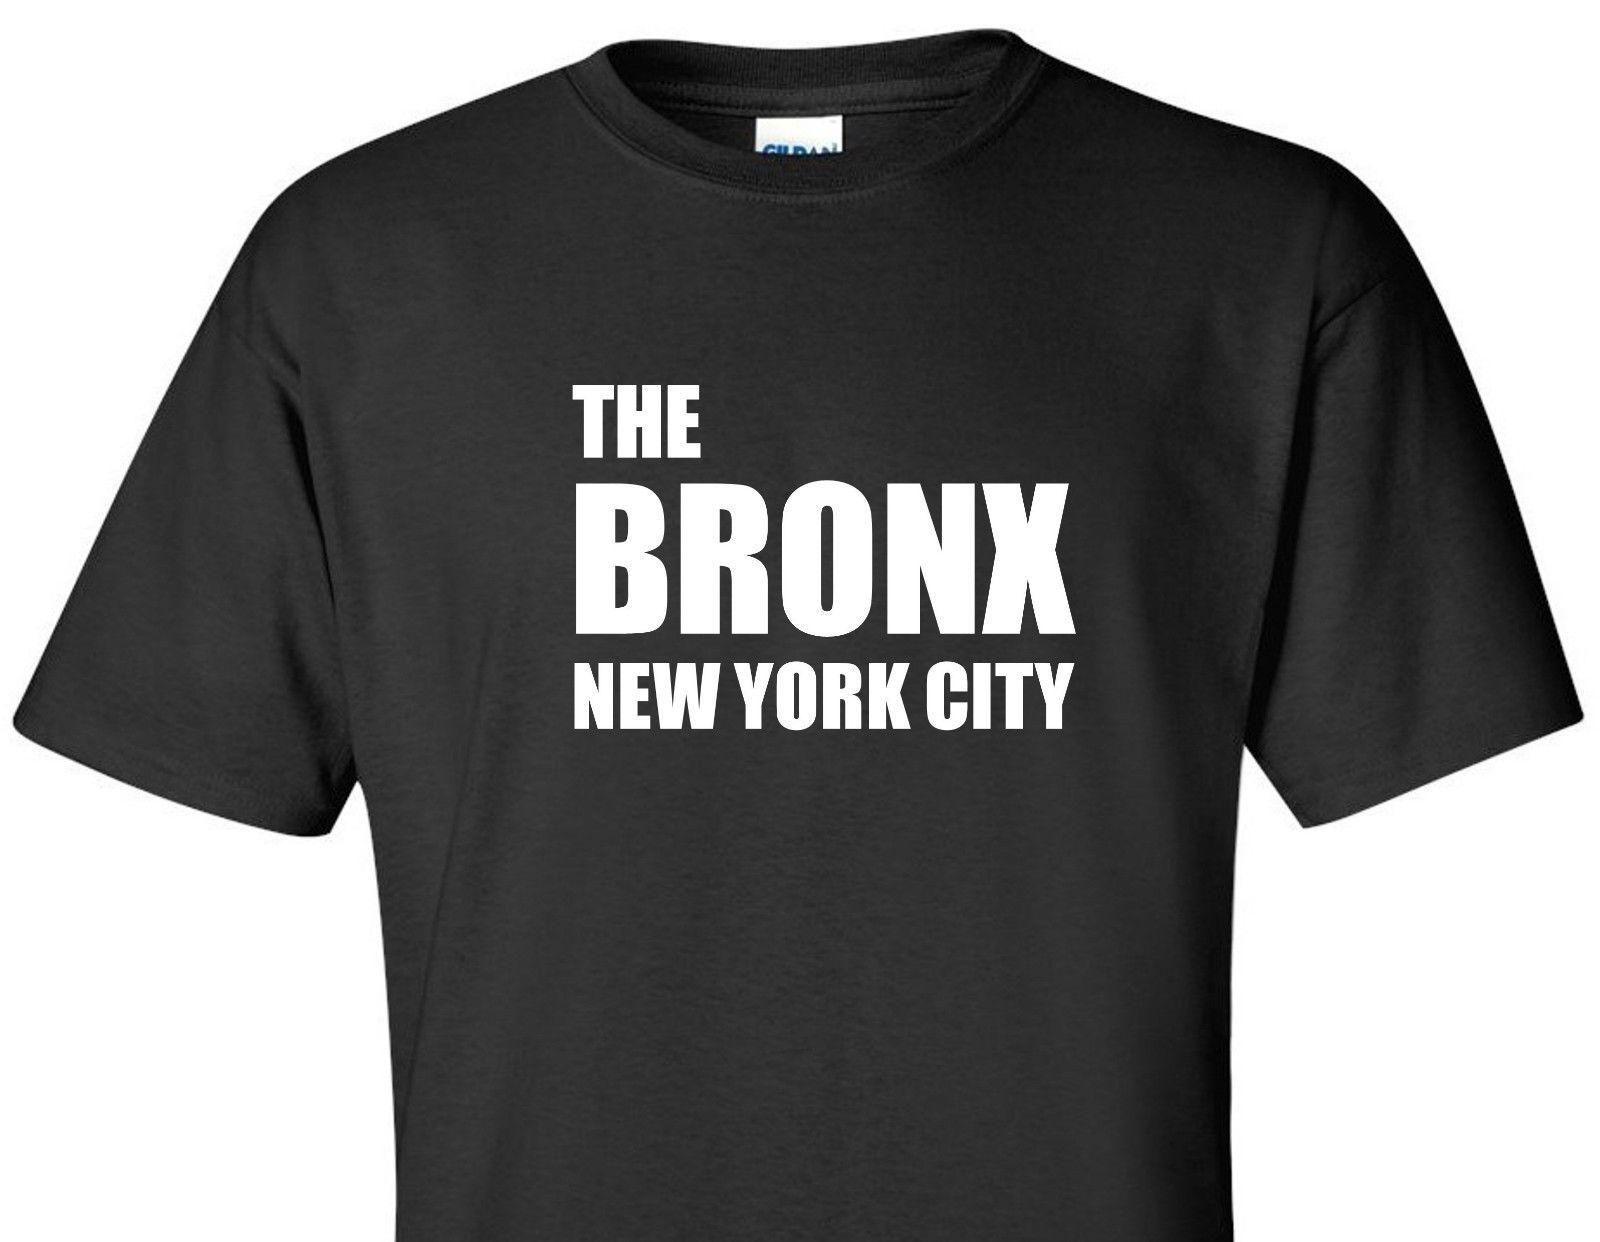 5c3af9e52e562 Acheter LE BRONX T SHIRT NEW YORK CITY NY NYC PRIDE URBAN MANCHES COURTES  TEE NOIR CHEMISE De  11.01 Du Idesignz